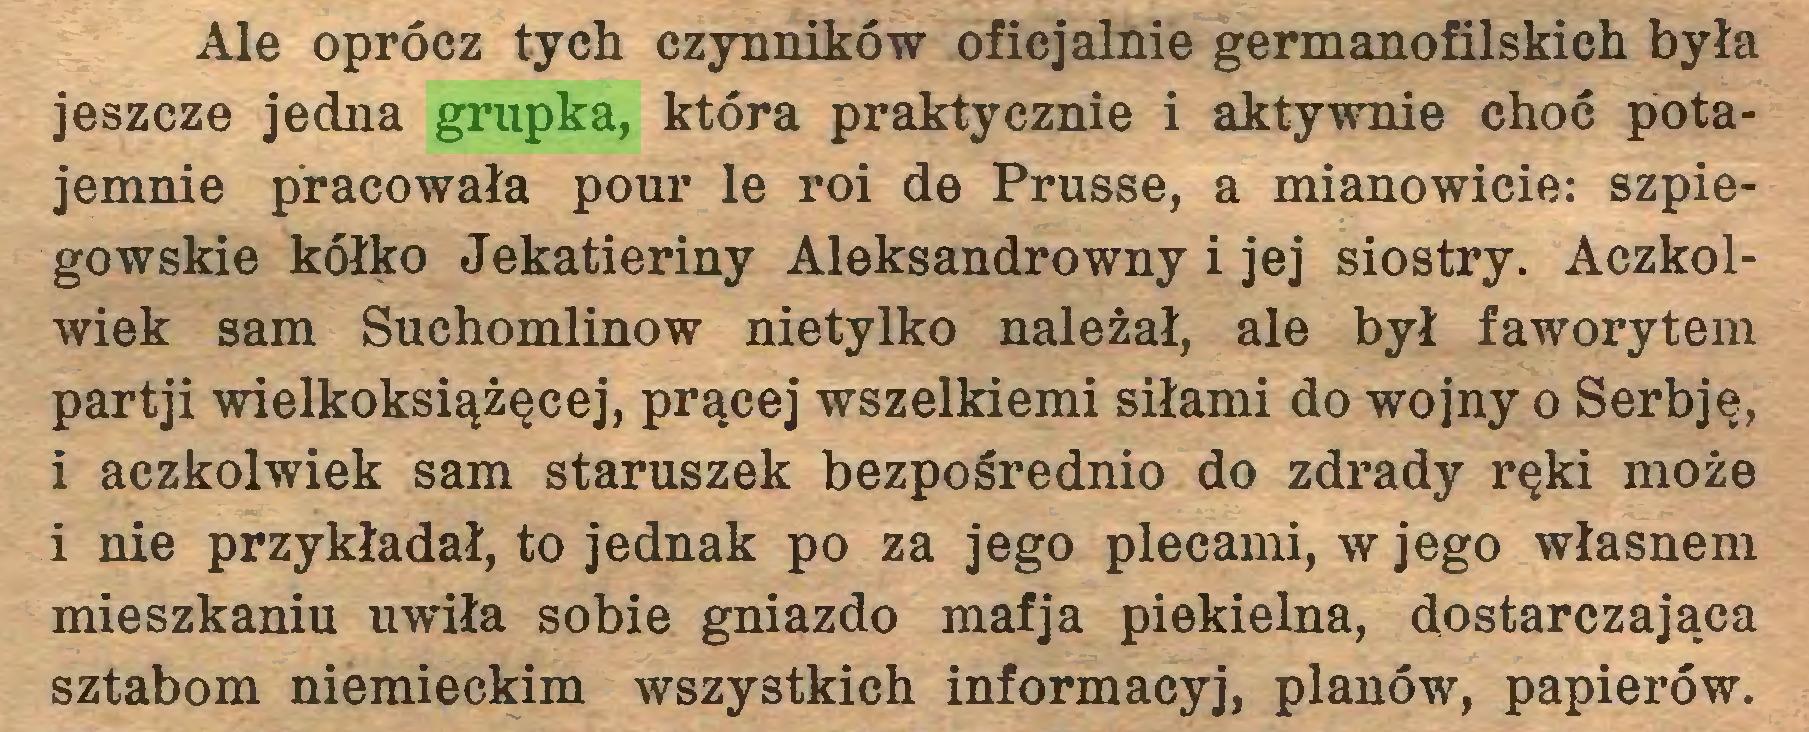 (...) Ale oprócz tych czynników oficjalnie germanofilskich była jeszcze jedna grupka, która praktycznie i aktywnie choć potajemnie pracowała pour le roi de Prusse, a mianowicie: szpiegowskie kółko Jekatieriny Aleksandrowny i jej siostry. Aczkolwiek sam Suchomlinow nietylko należał, ale był faworytem partji wielkoksiążęcej, prącej wszelkiemi siłami do wojny o Serbję, i aczkolwiek sam staruszek bezpośrednio do zdrady ręki może i nie przykładał, to jednak po za jego plecami, w jego własnem mieszkaniu uwiła sobie gniazdo mafja piekielna, dostarczająca sztabom niemieckim wszystkich informacyj, planów, papierów...